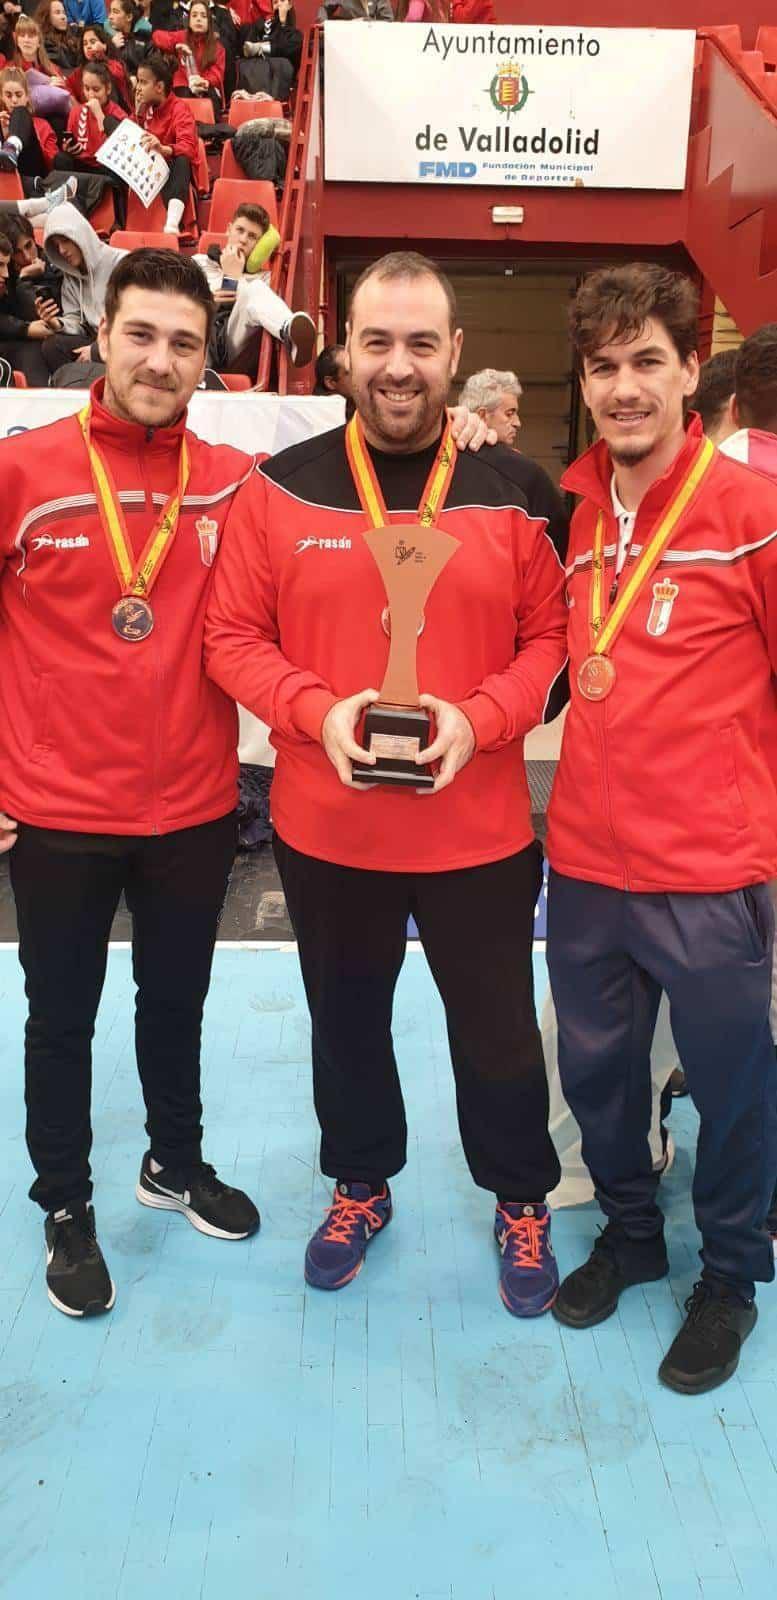 Enhorabuena a los herencianos por sus éxitos en la Copa de España de balonmano 3